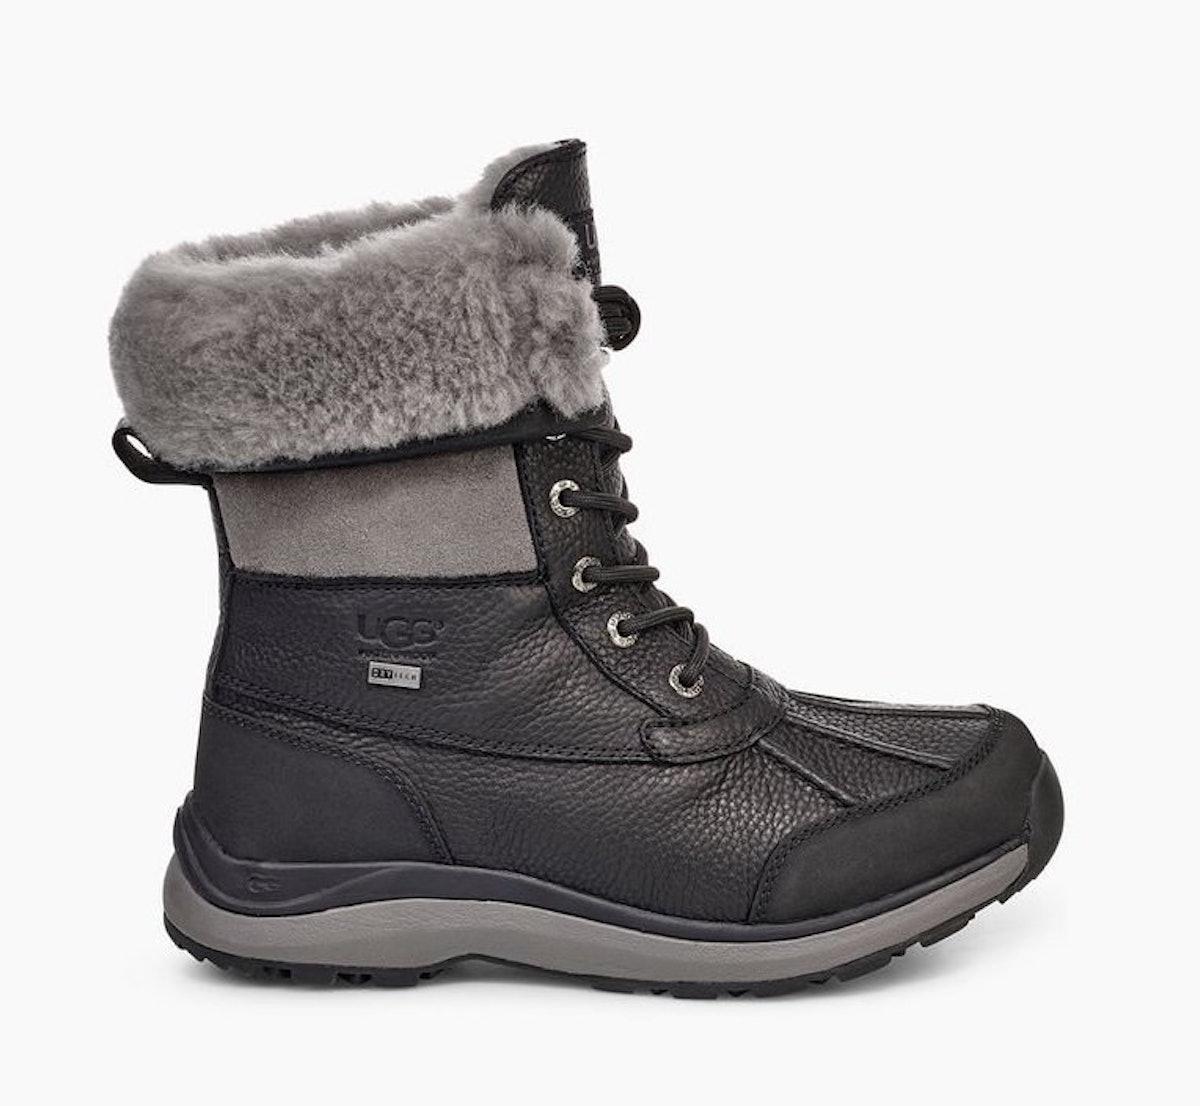 Adirondack III Boot In Black